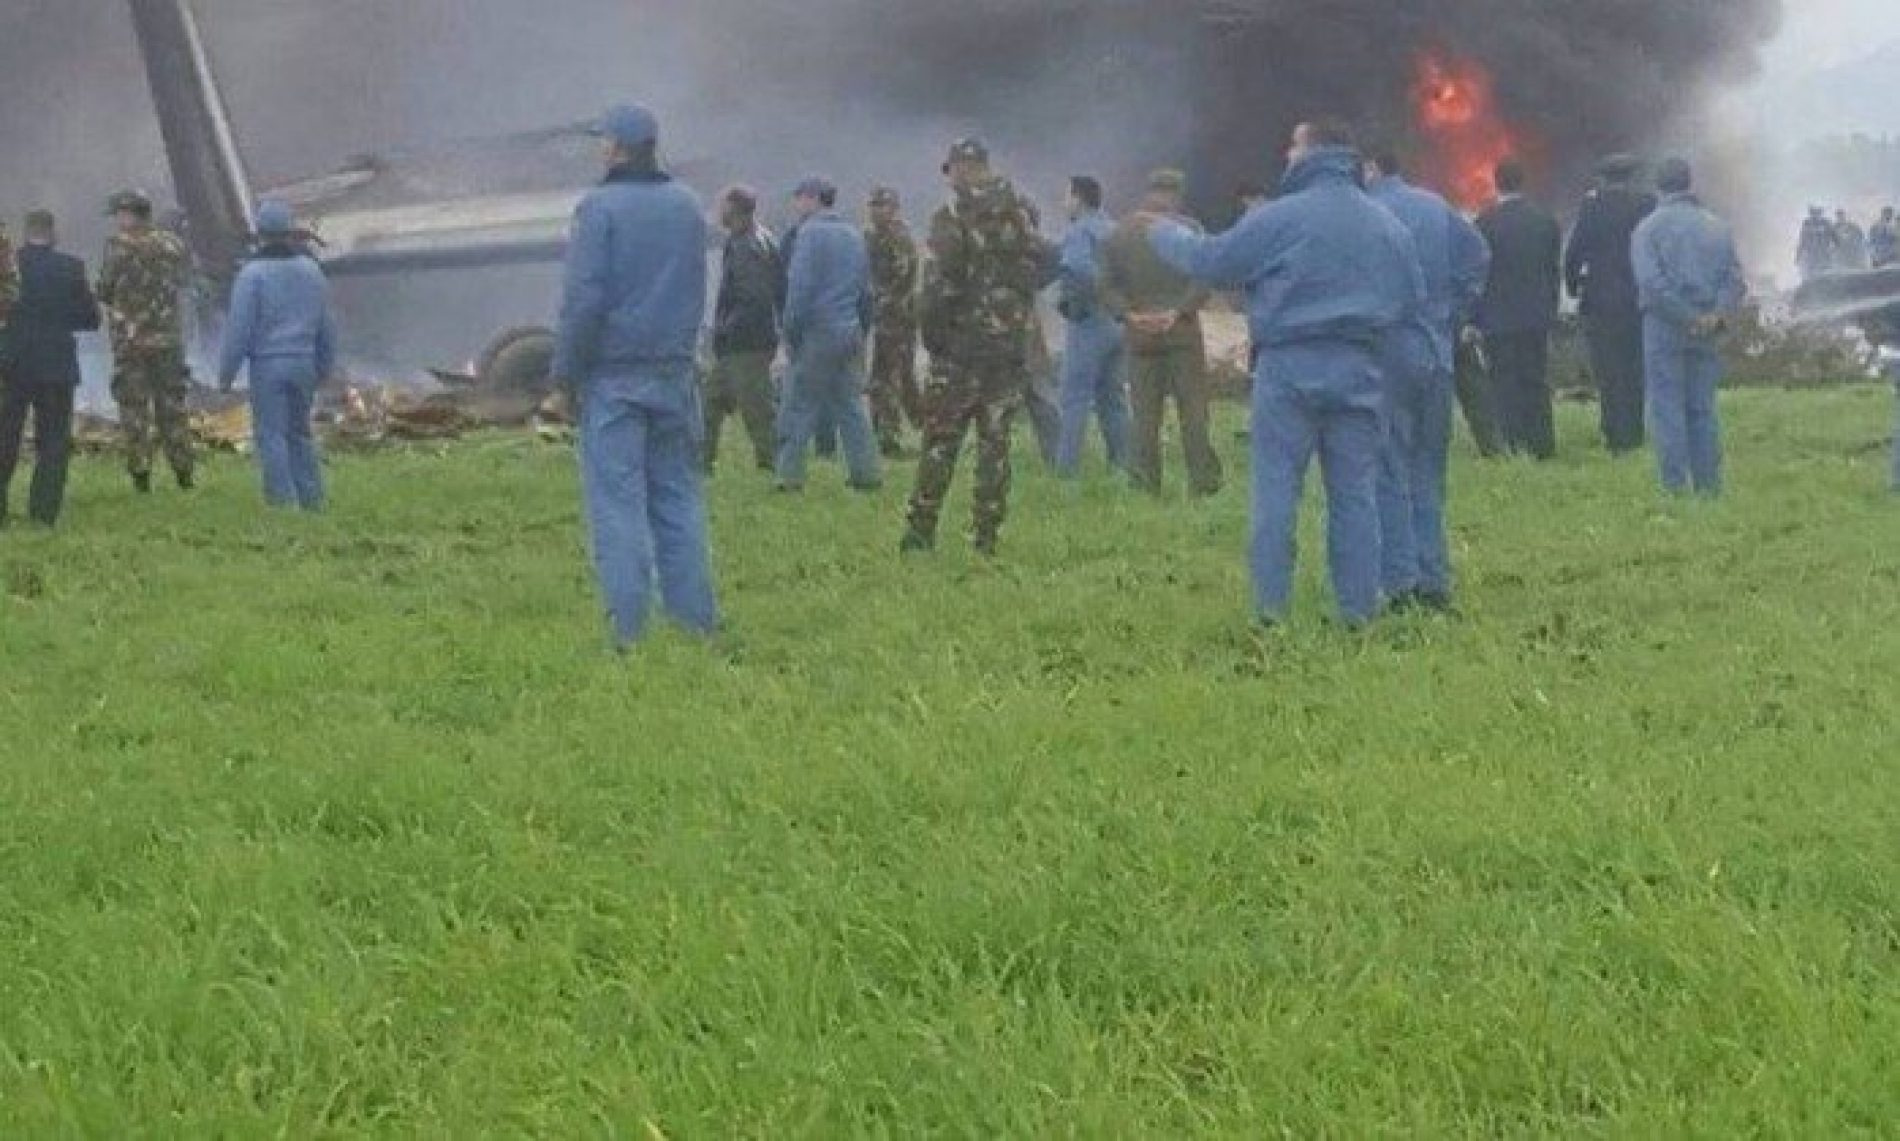 Queda de avião militar na Argélia deixa mais de 100 mortos